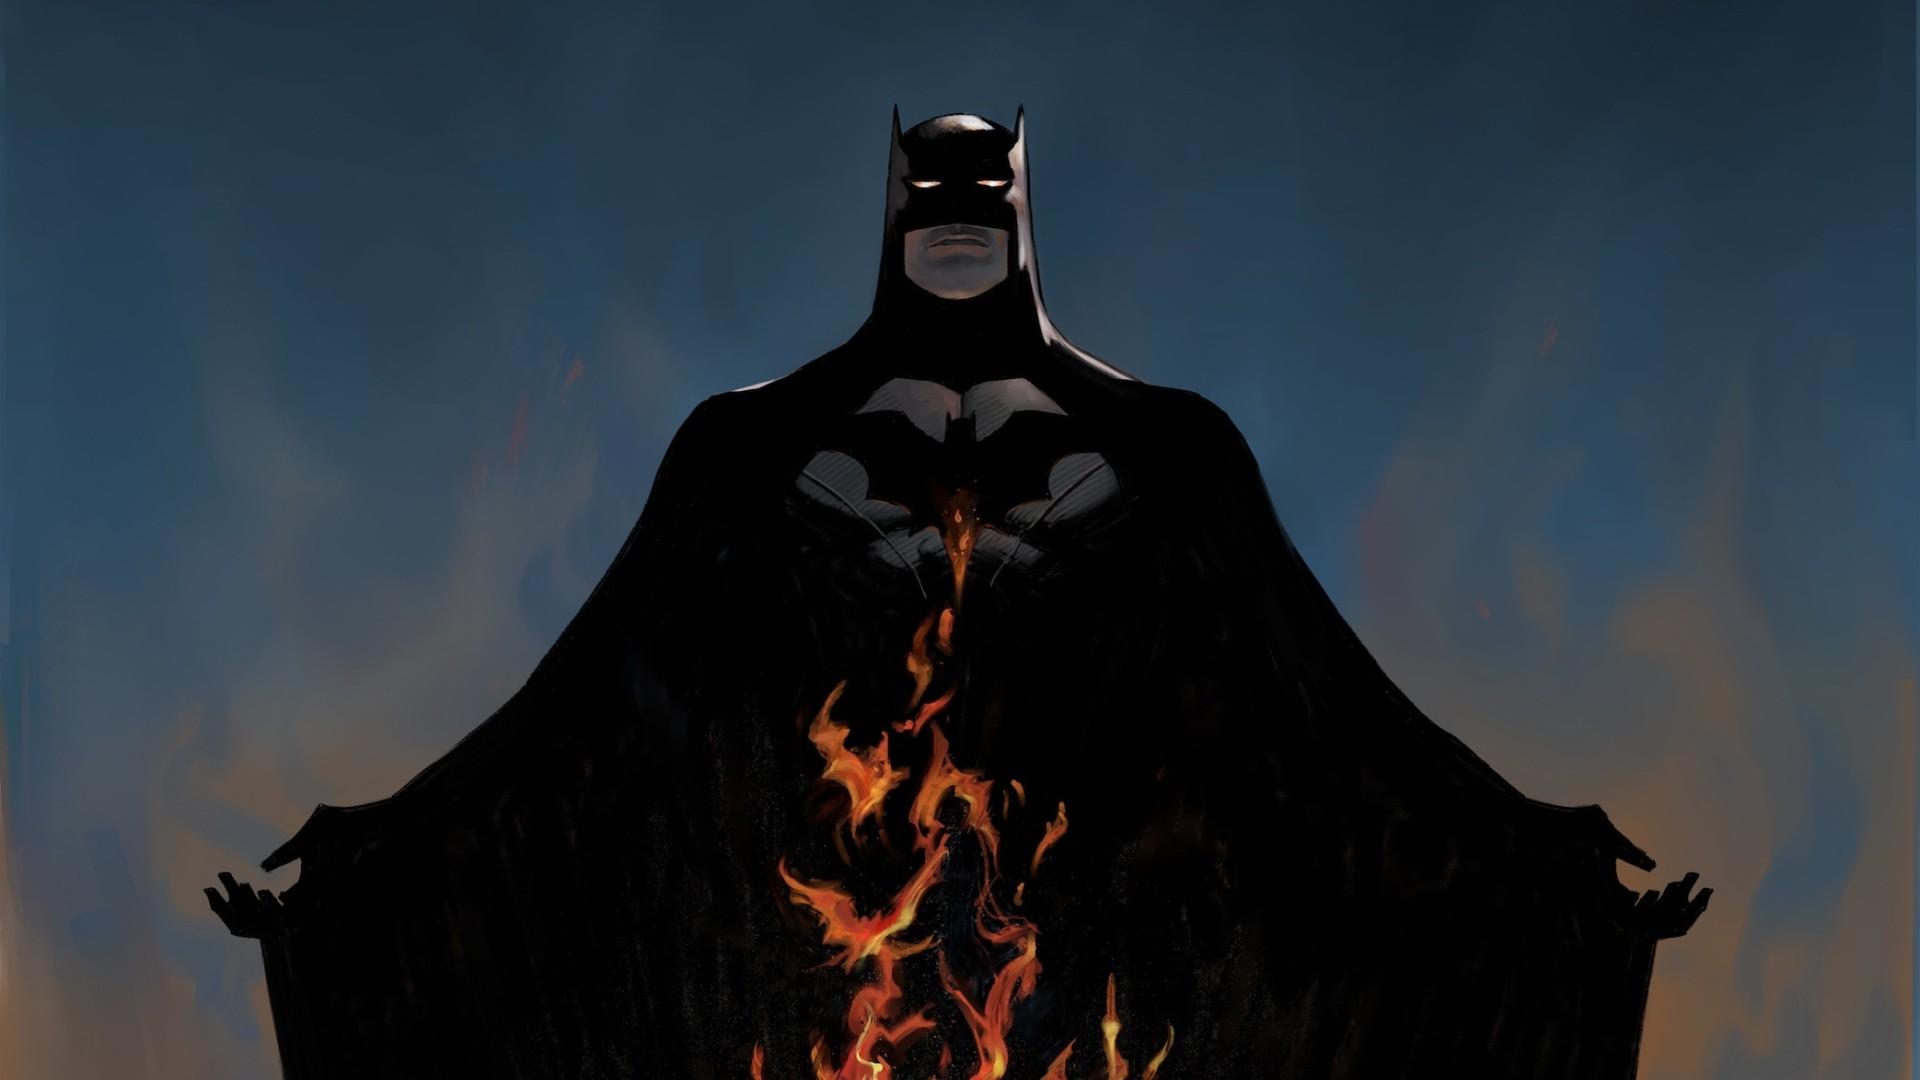 Batman Wallpaper 044